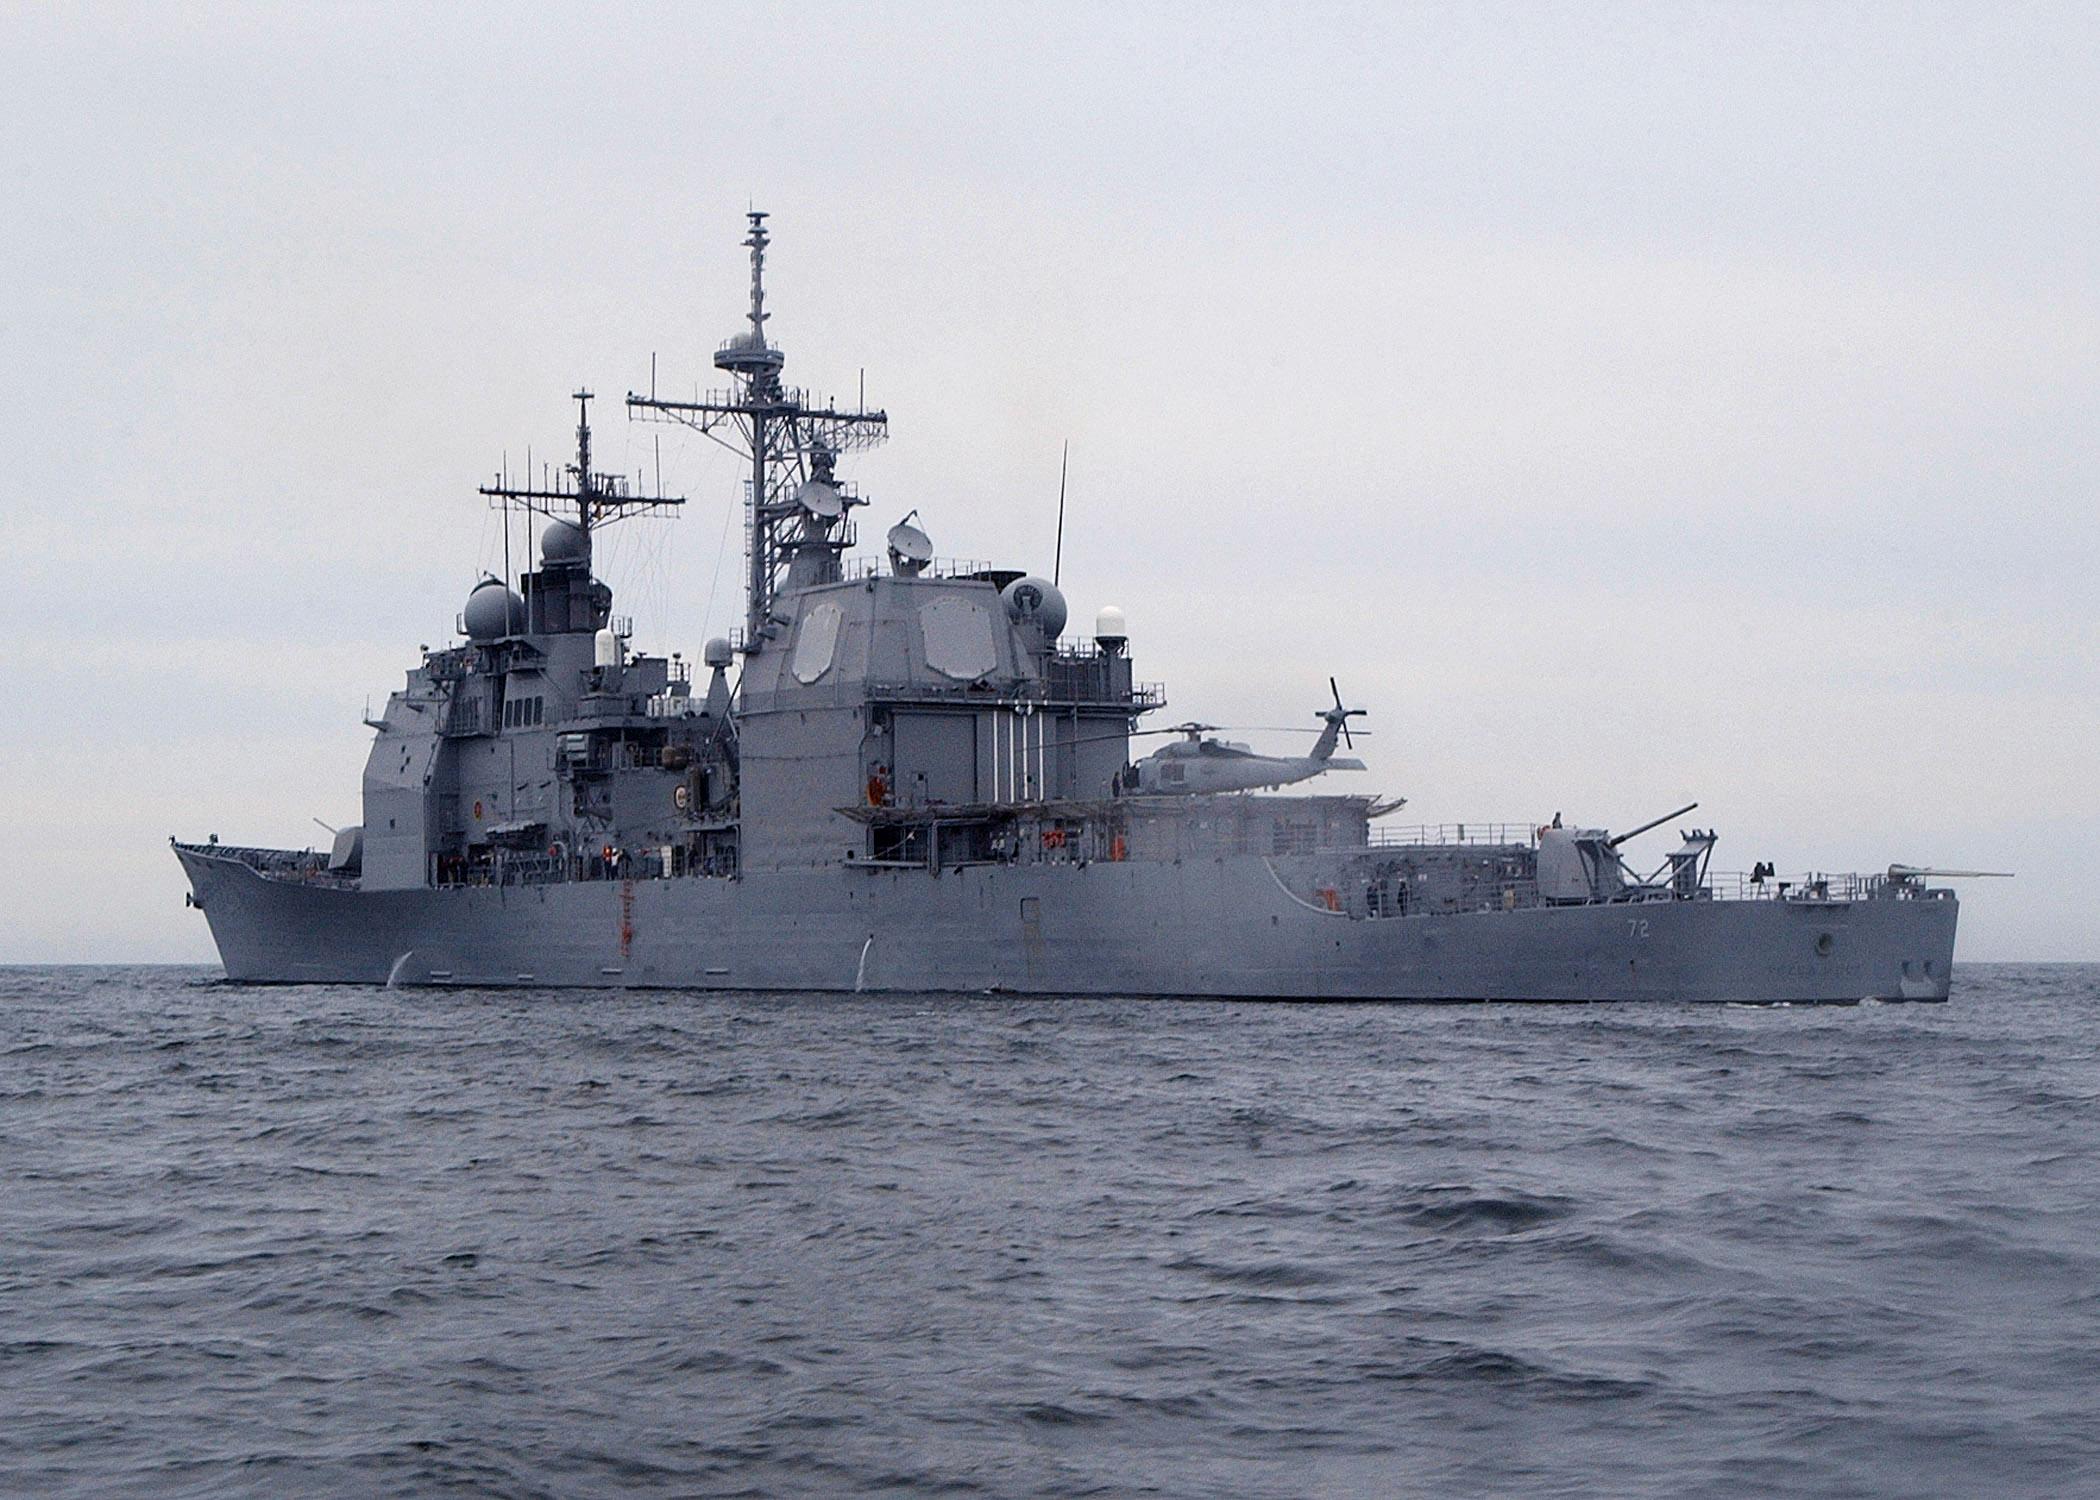 The aegis cruiser USS Vella Gulf (Photographer's Mate 2nd Class Michael Sandberg/U.S. Navy Photo)